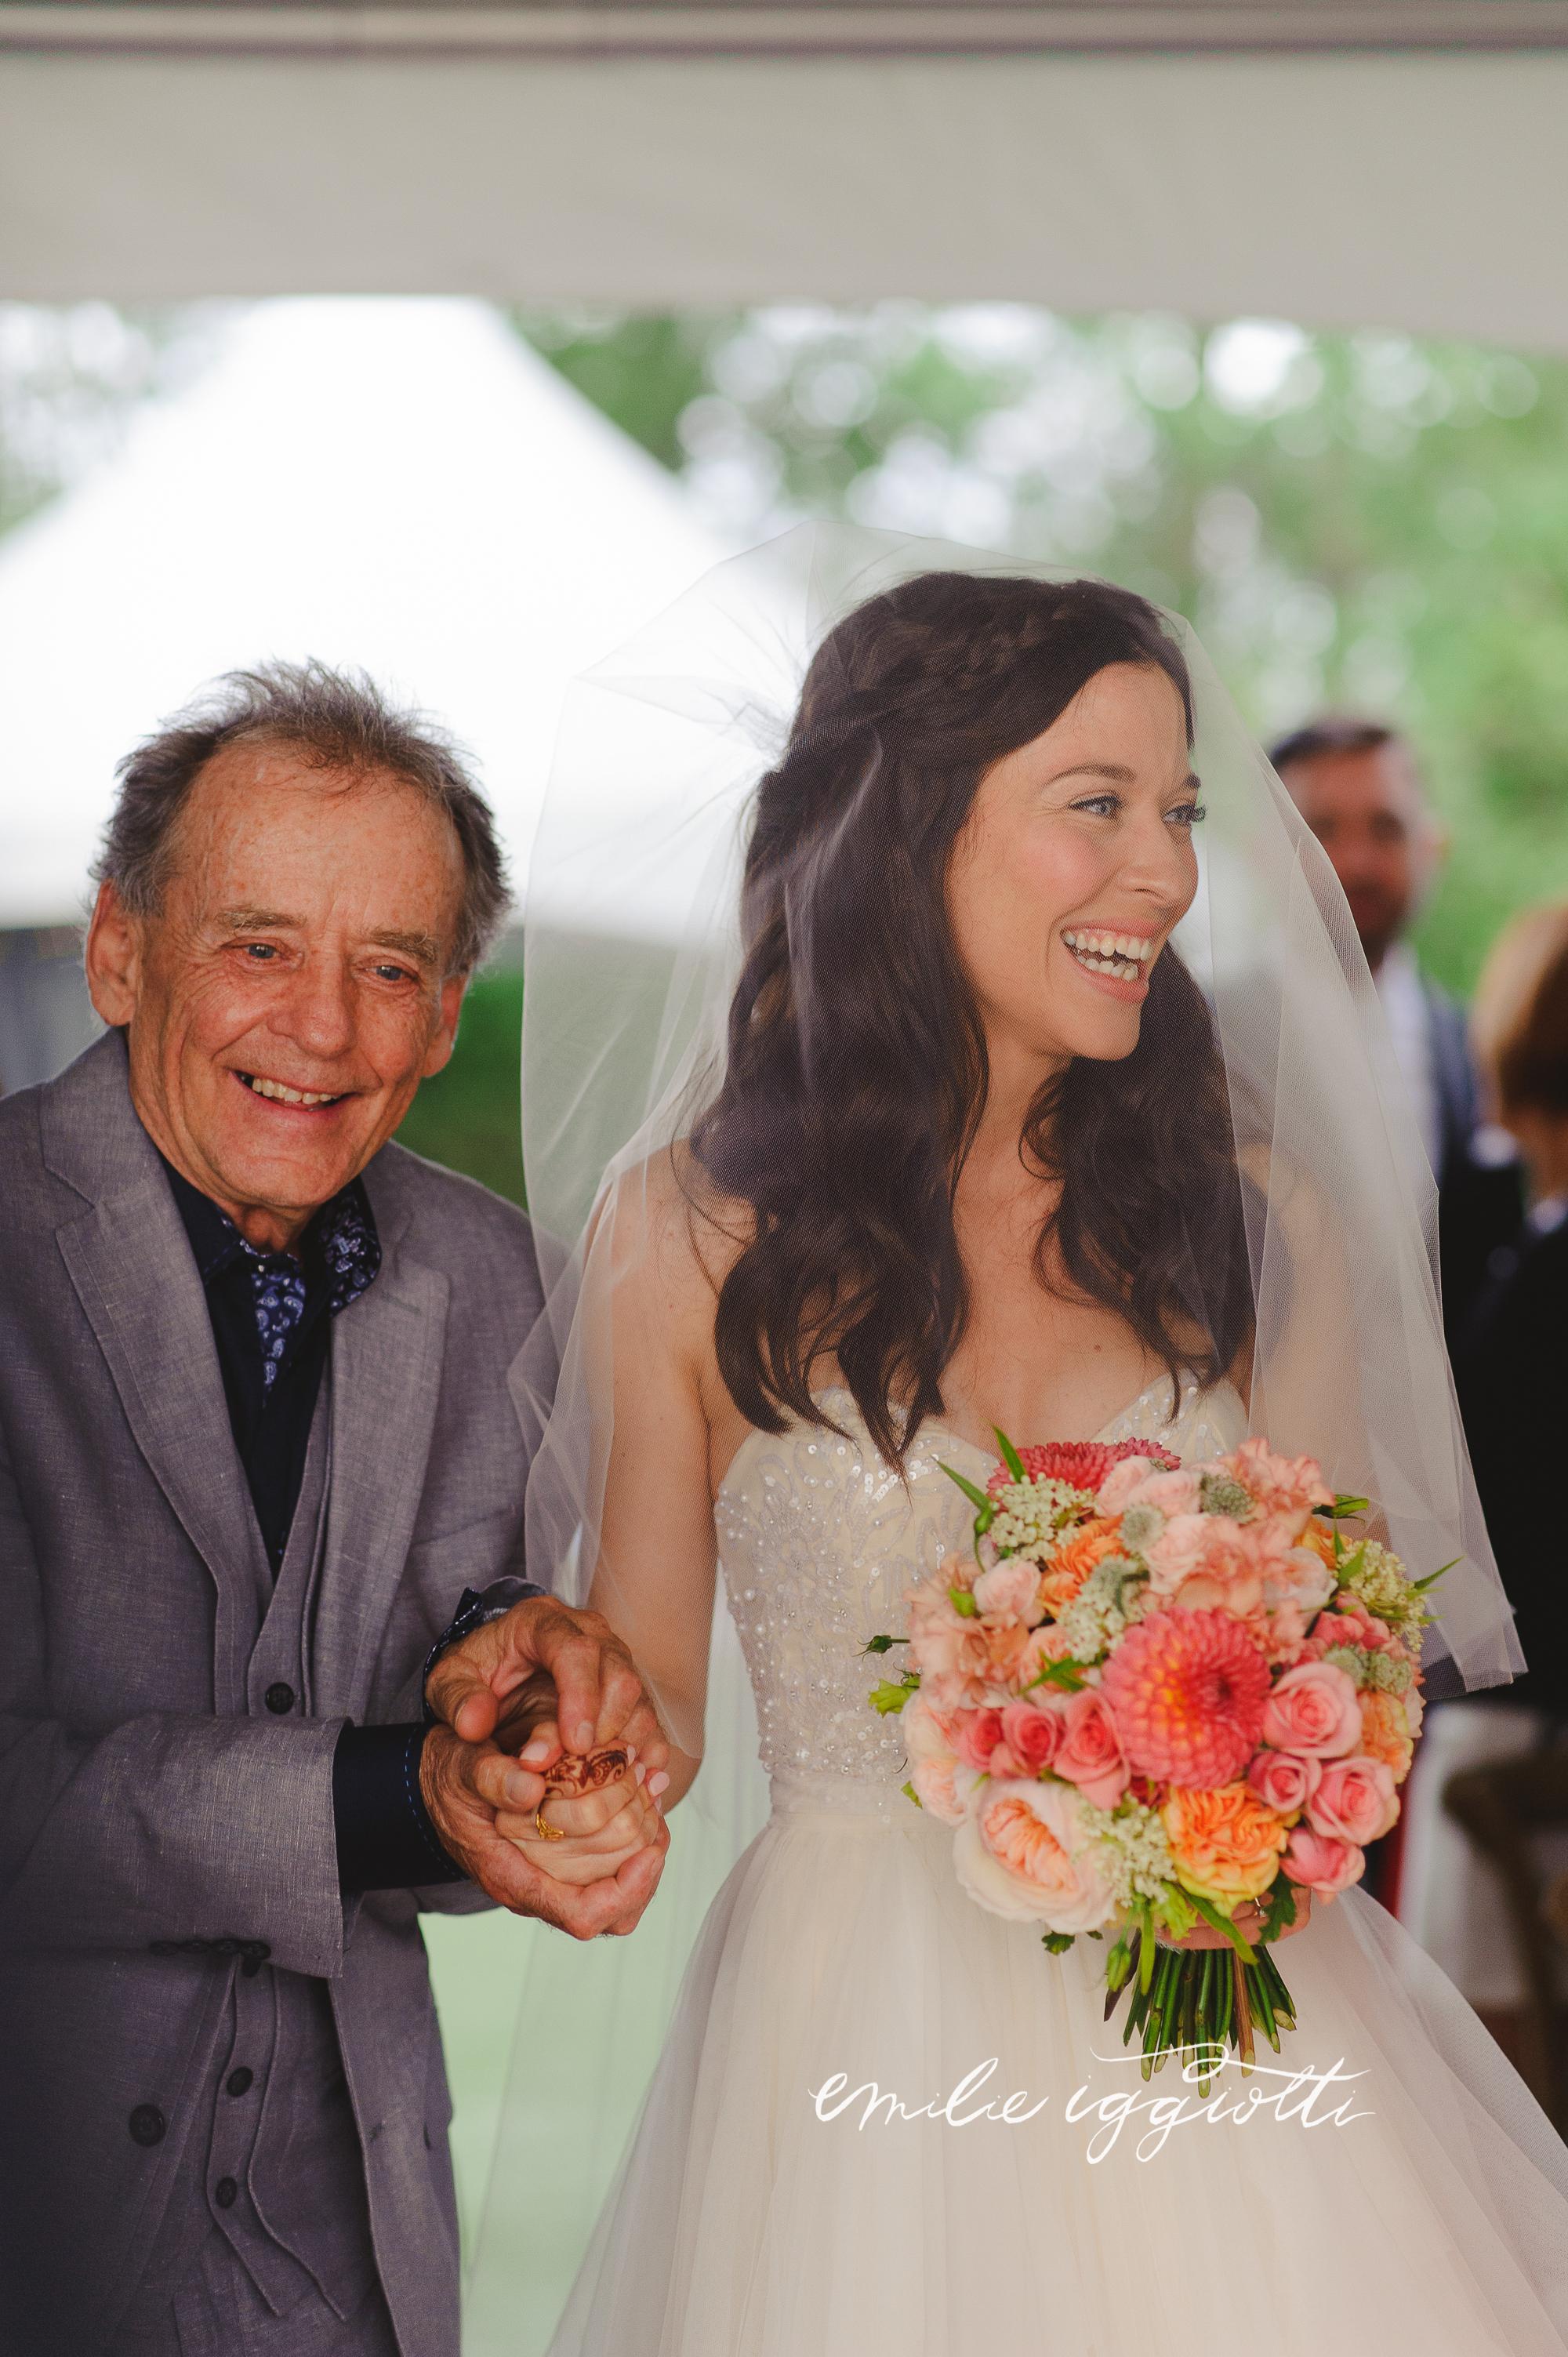 nabeille-wedding-emilie-iggiotti-17